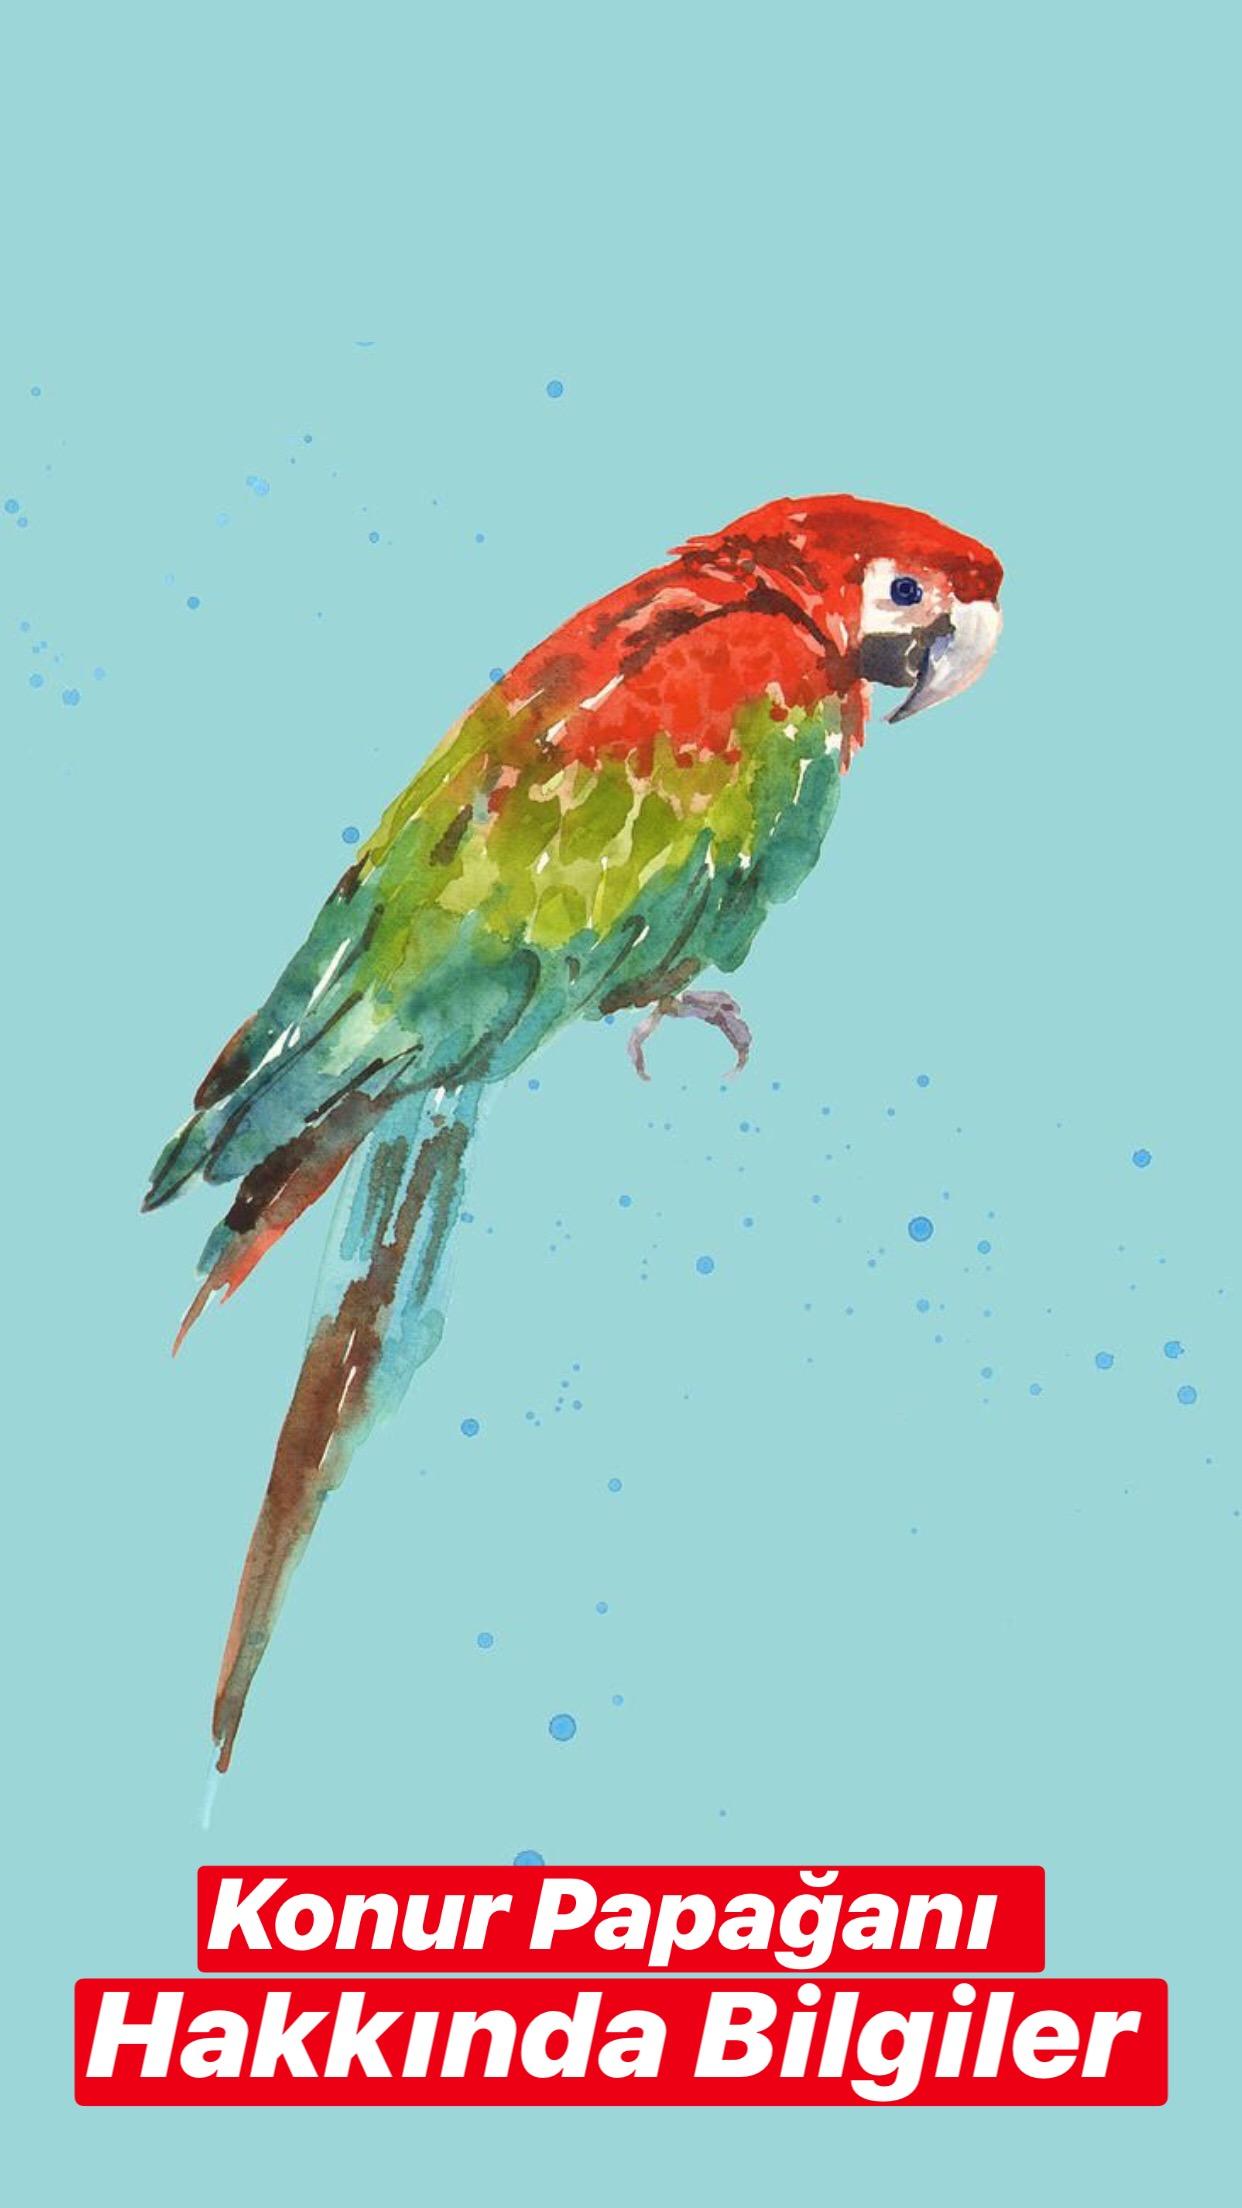 Konur Papağanı Hakkında Bilgiler